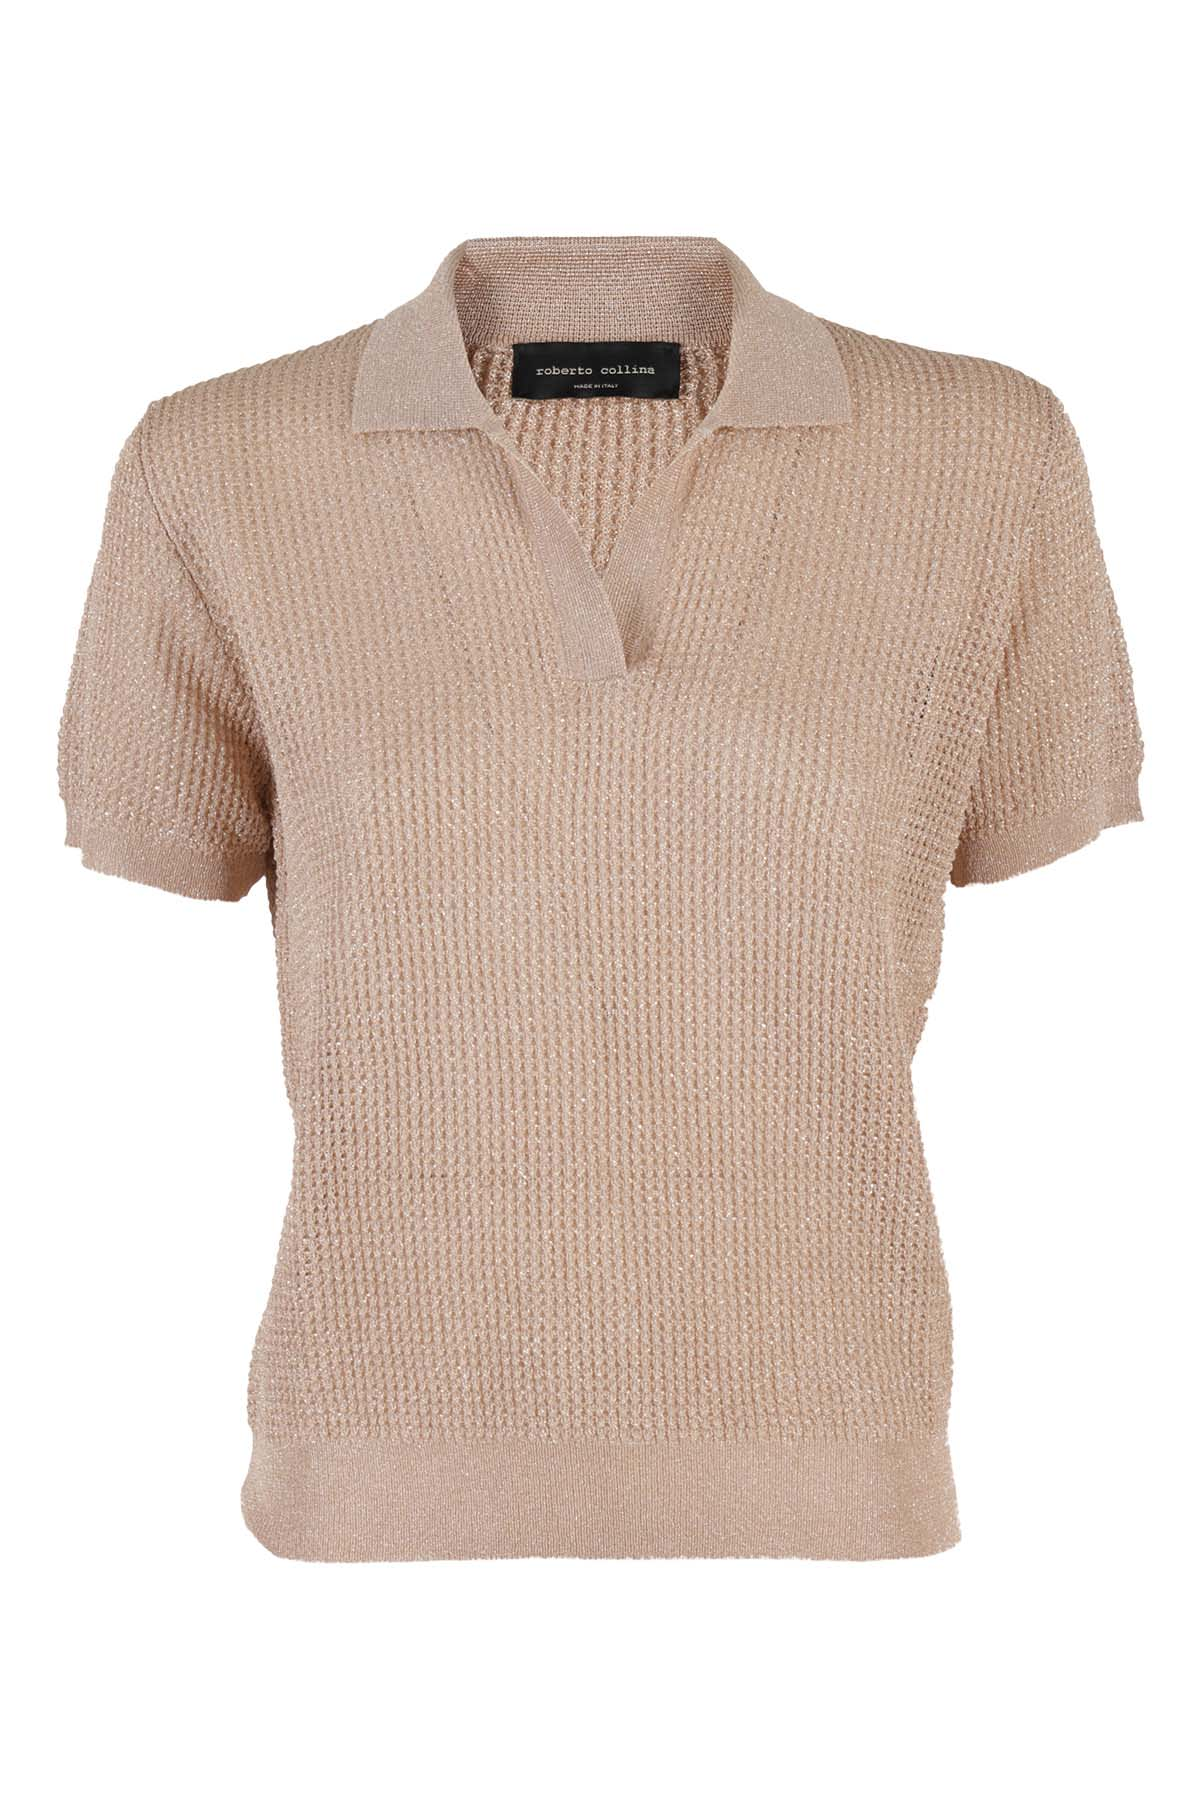 Roberto Collina Shirts POLO SHIRT